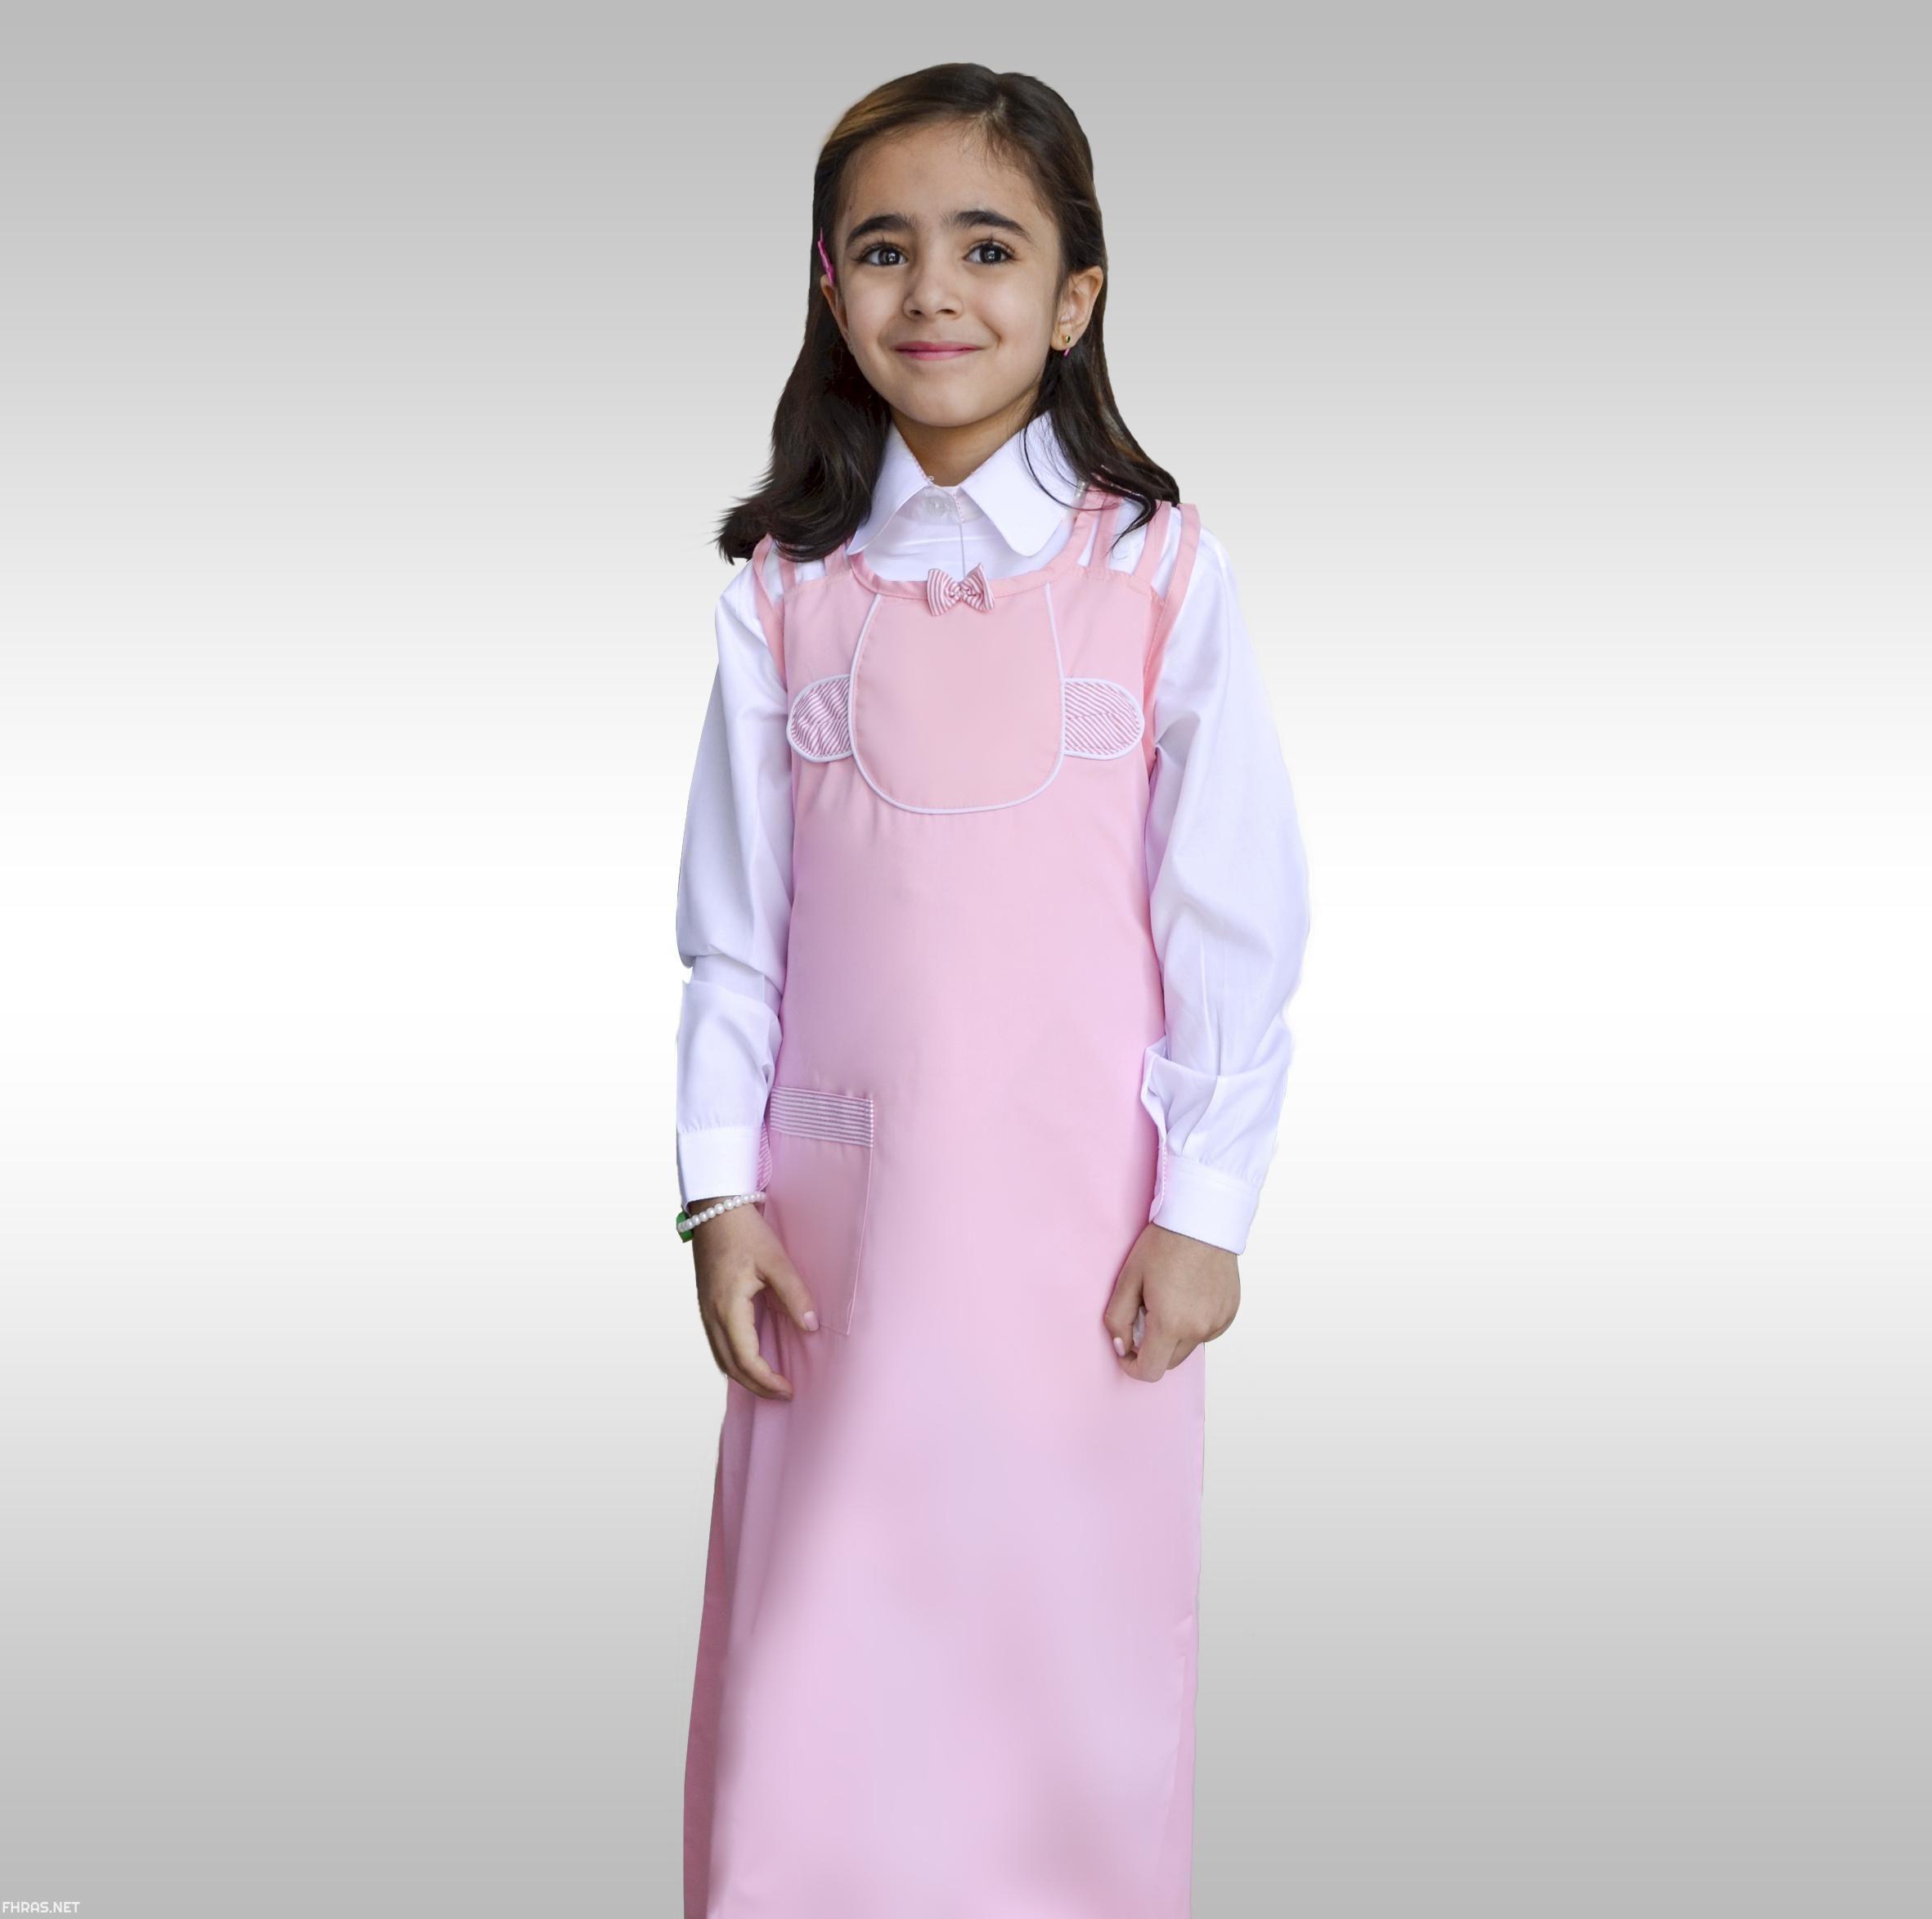 سعر مريول المدرسة الجديد لطلاب السعودية 2021